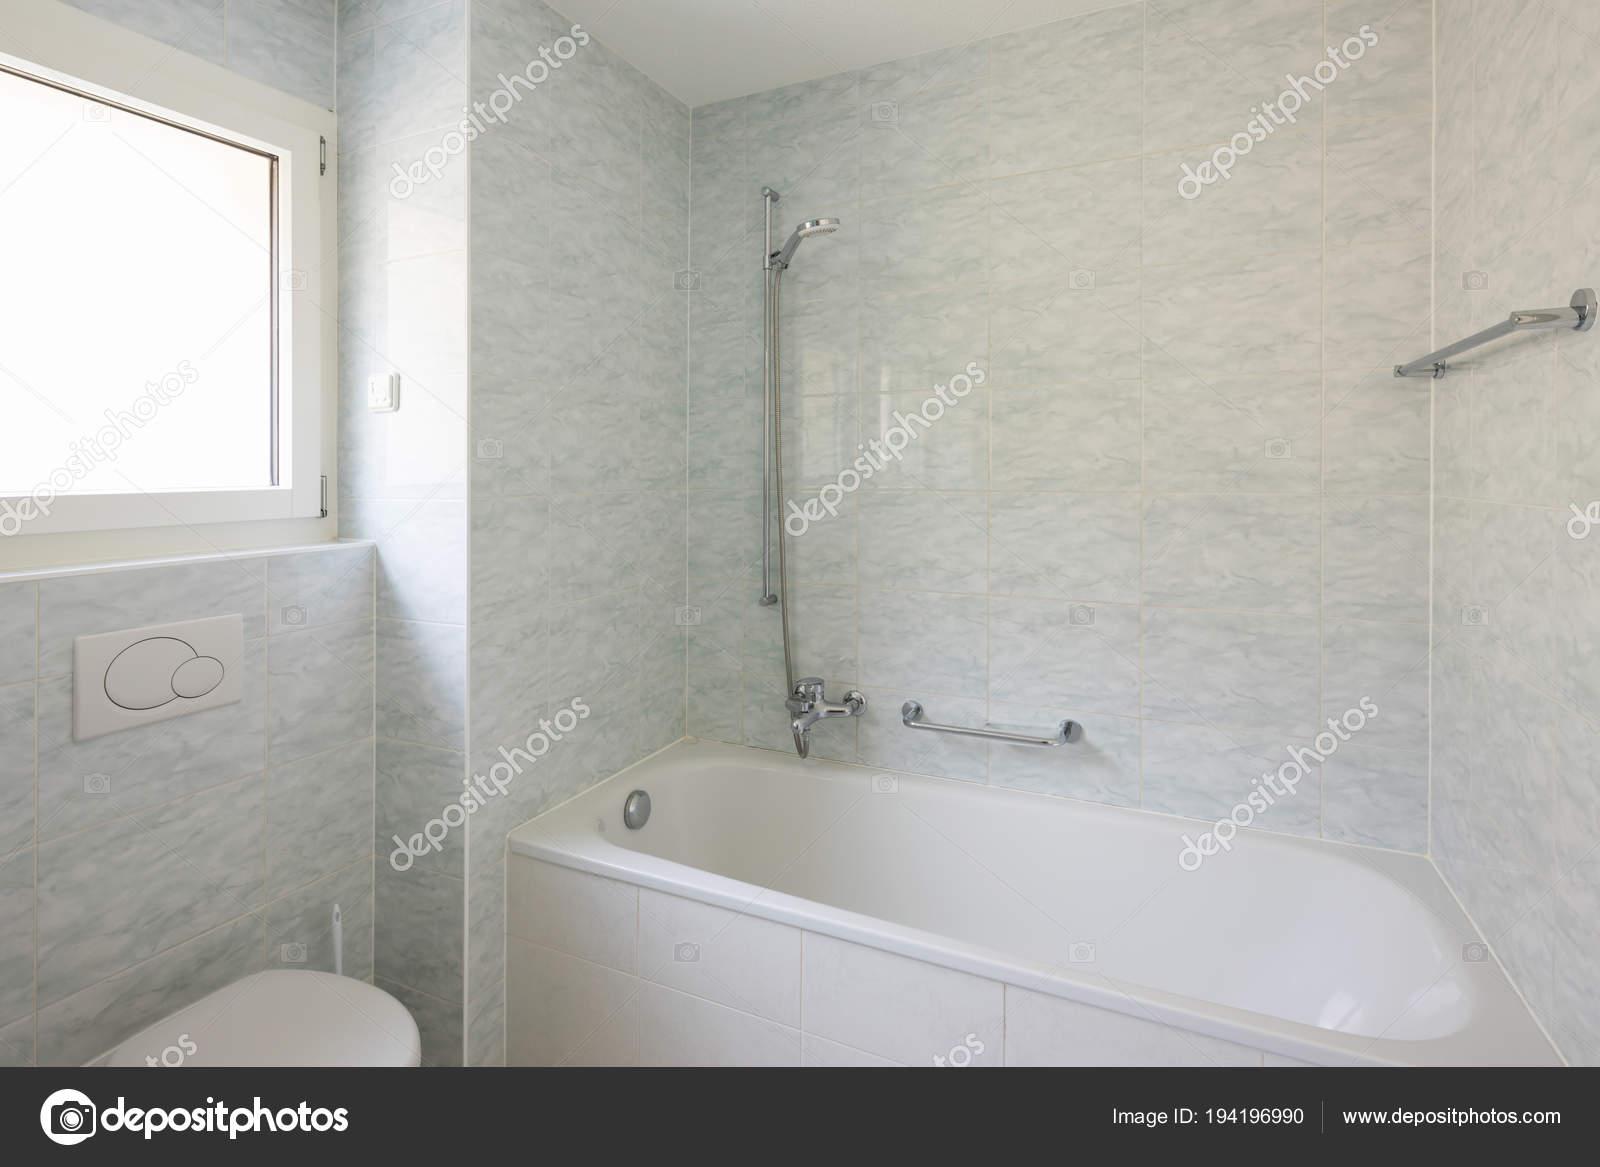 Bagno con piastrelle di grandi dimensioni stile retrò u2014 foto stock